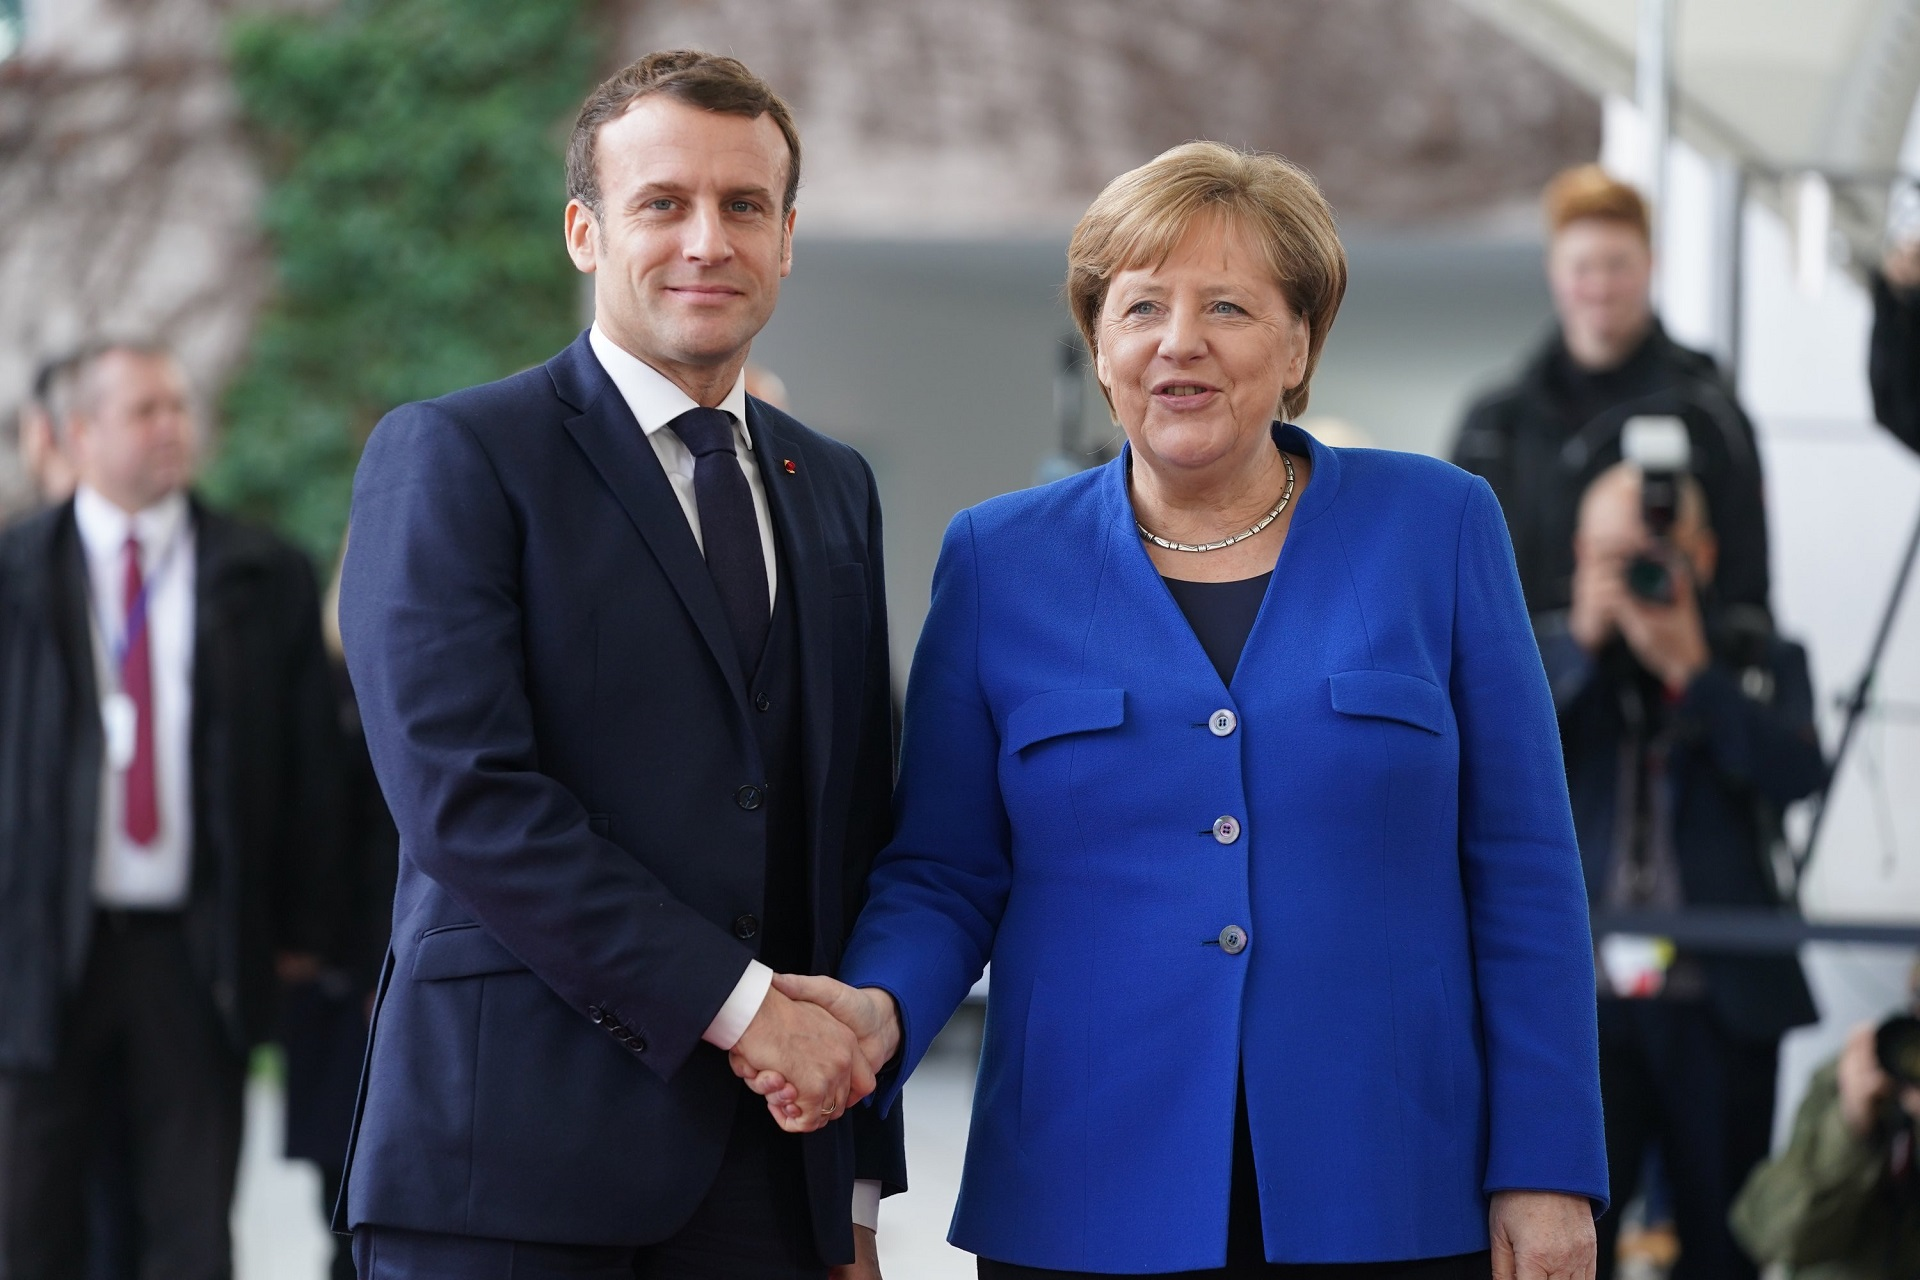 MACRON DANAS U BERLINU! Zajedno sa Merkel traži rješenje za financijski oporavak Evrope